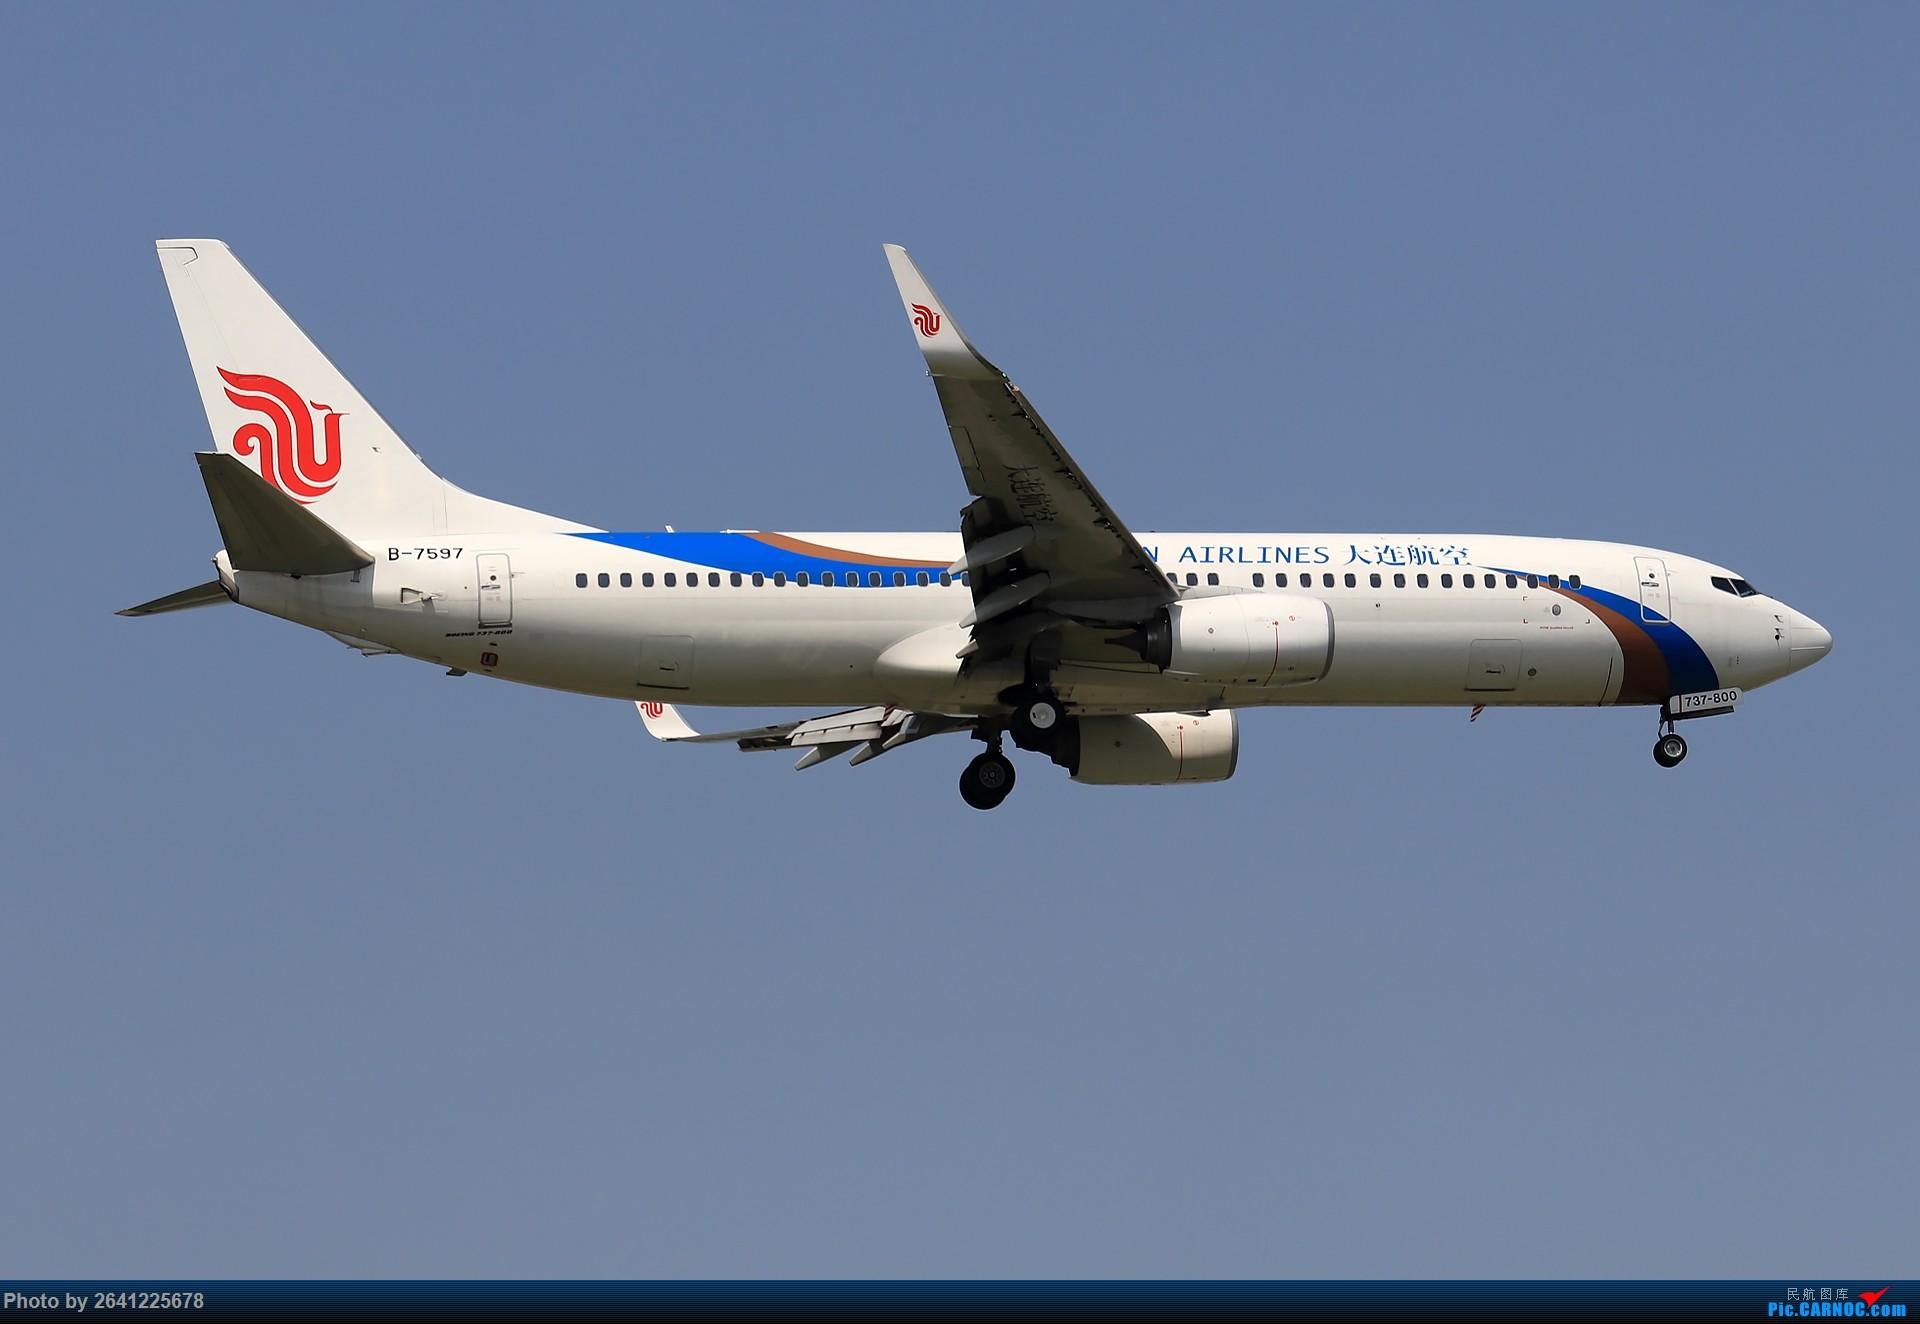 Re:[原创]*****试新机+新镜***** 1920(烂天+地热+渣技术,望大佬多多包涵) BOEING 737-800 B-7597 中国北京首都国际机场